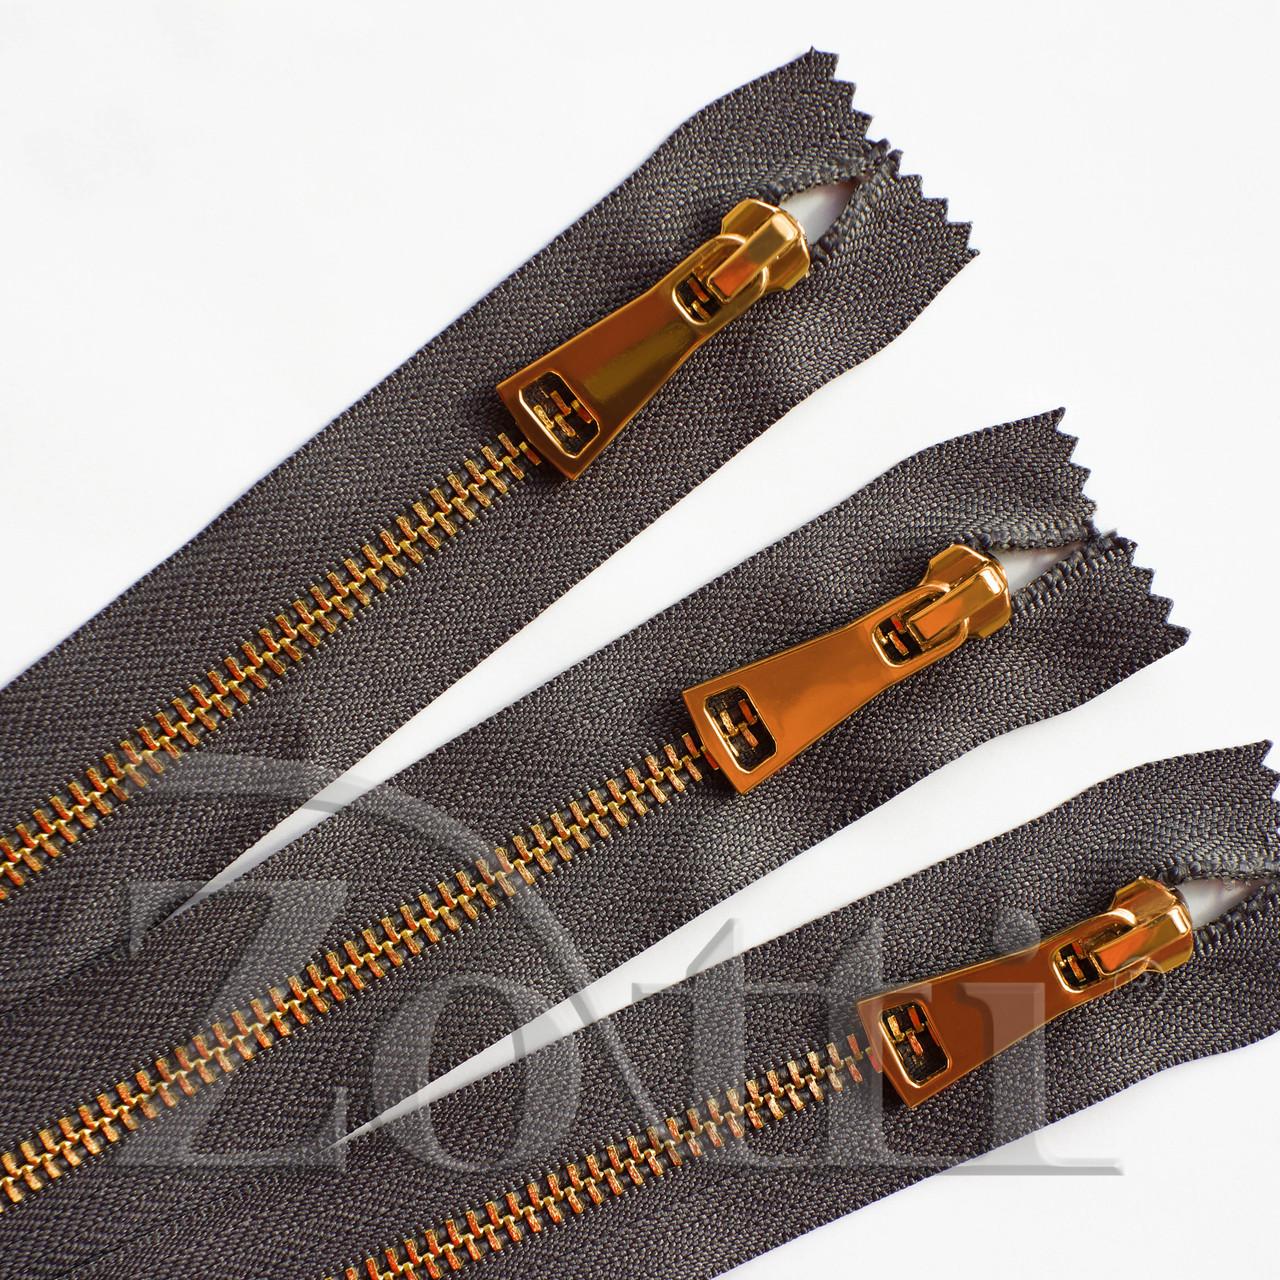 Молния (змейка,застежка) металлическая №5, размерная, обувная, серая, с золотым бегунком № 115 - 10 см